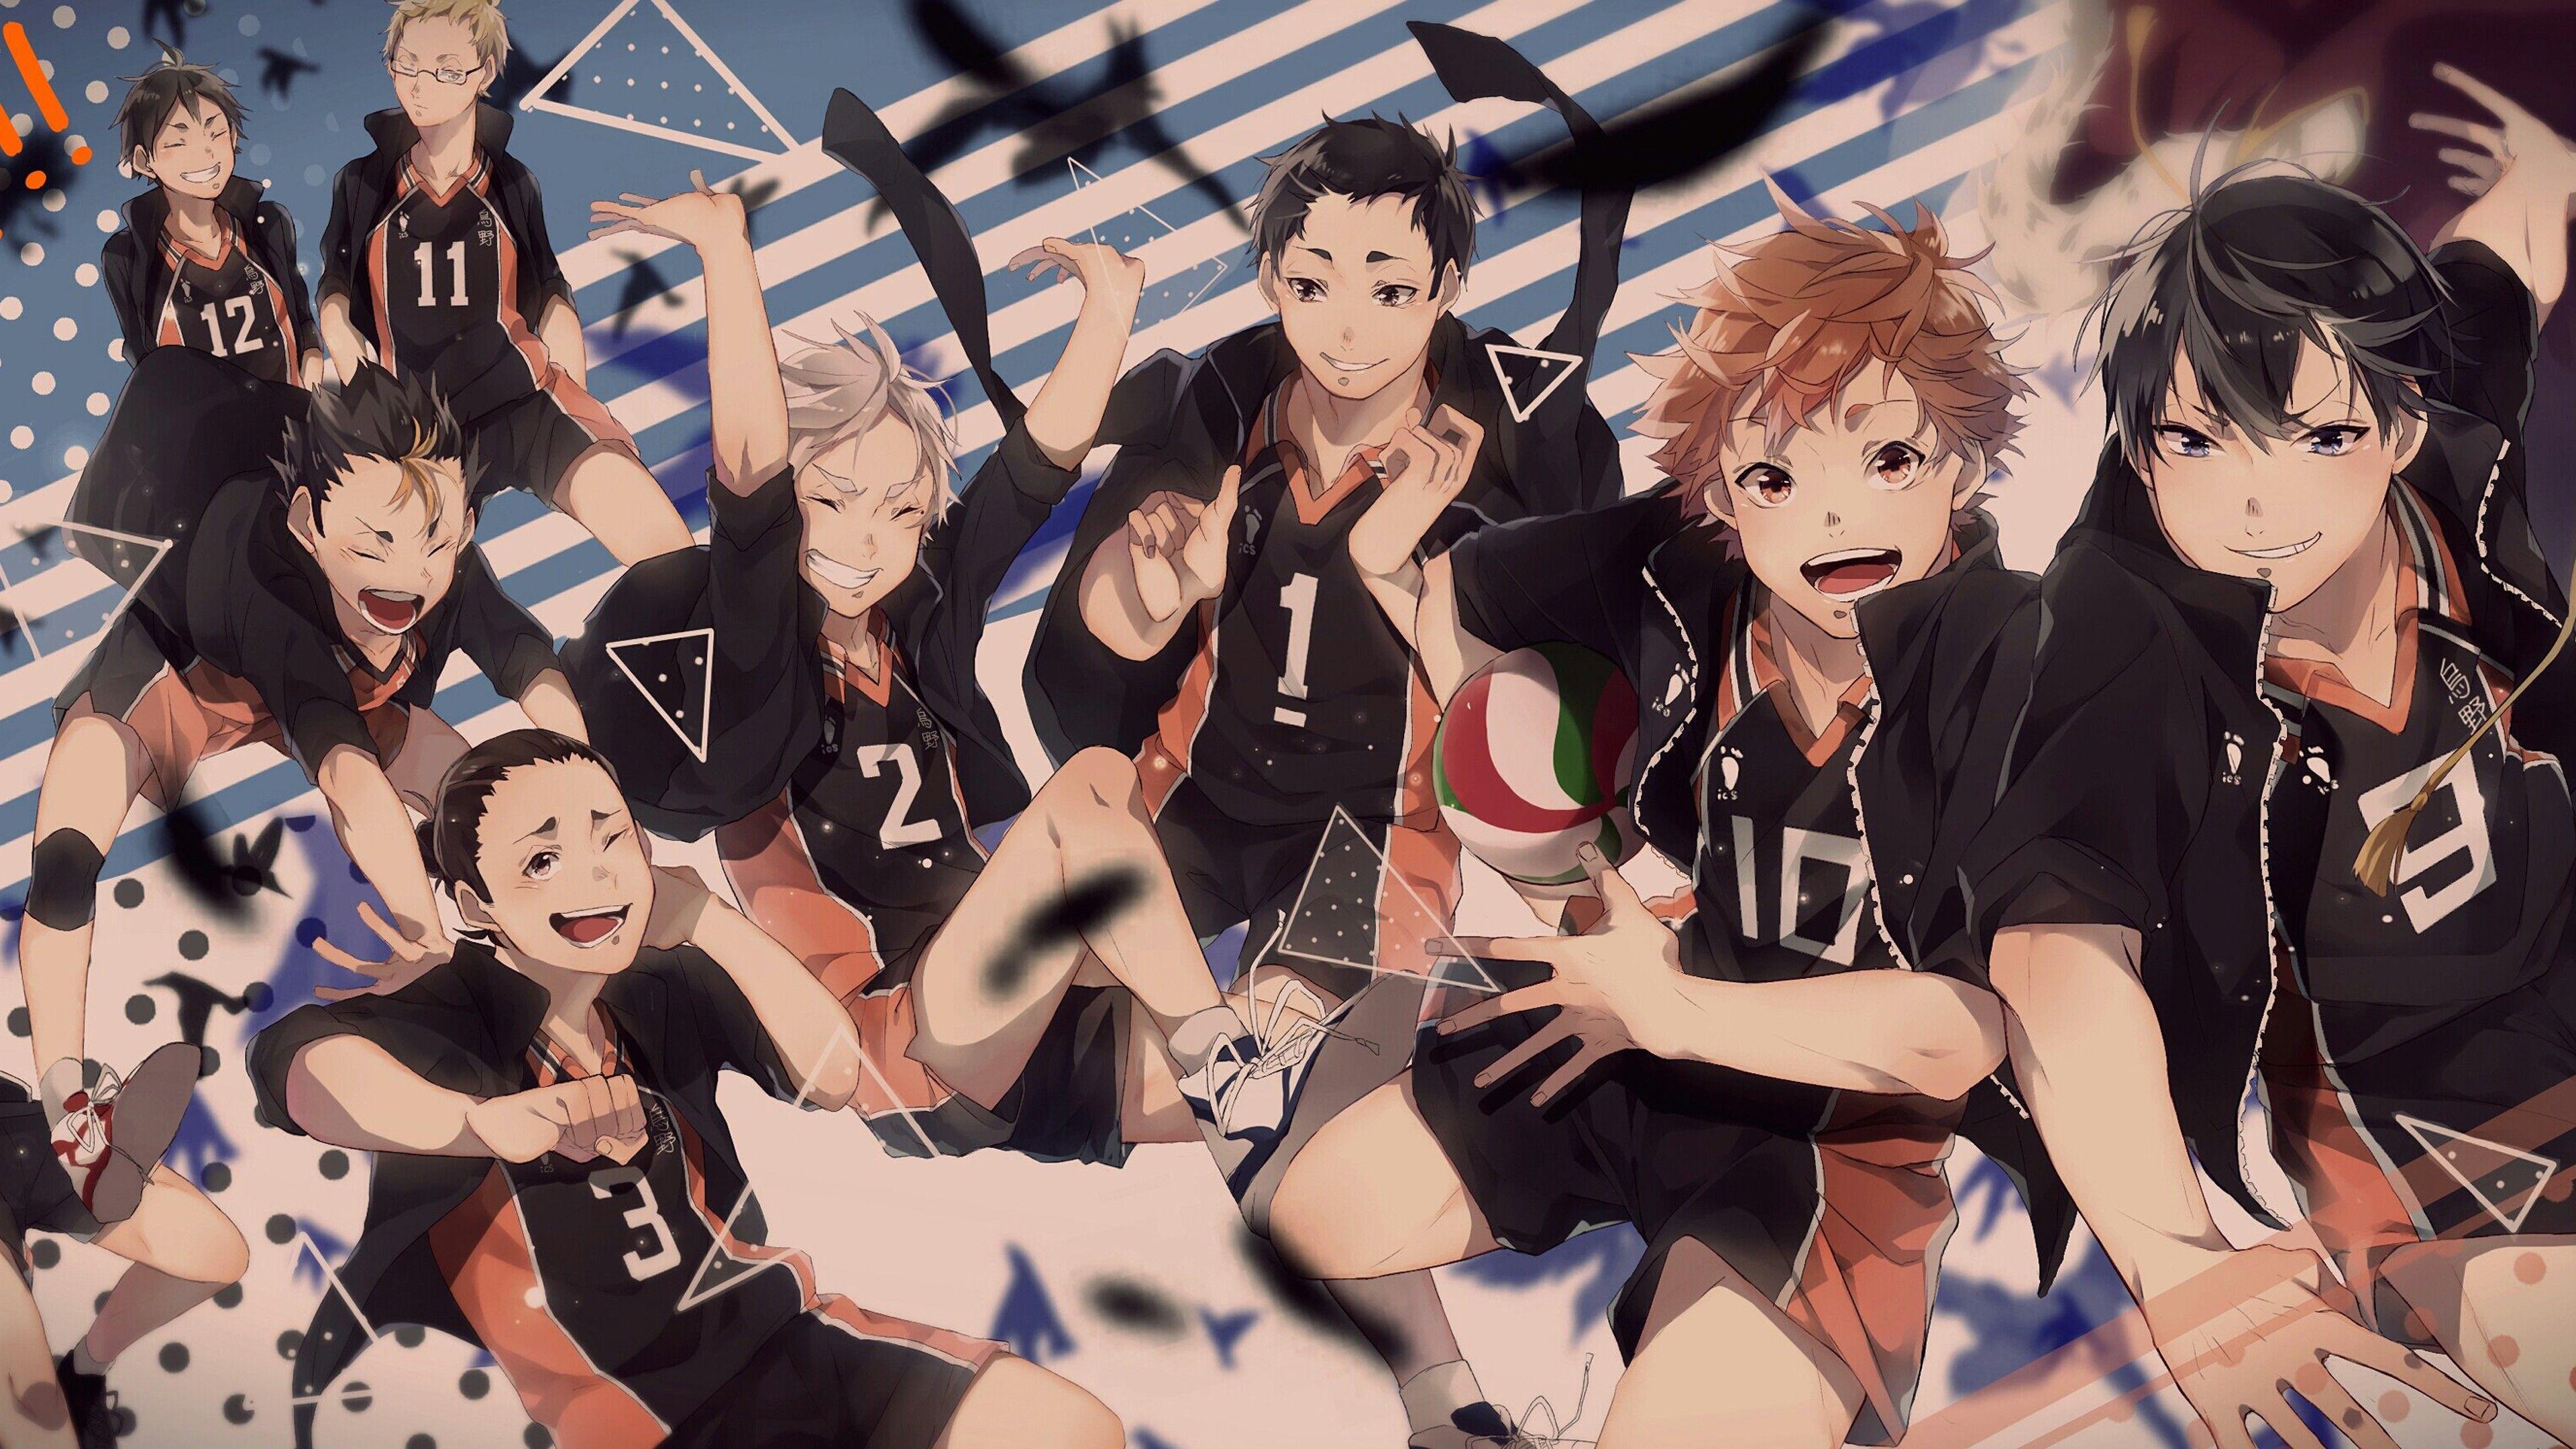 3840x2160 Haikyu Yu Nishinoya và những người chơi khác Hình nền Anime HD 4K.  Hình nền HD